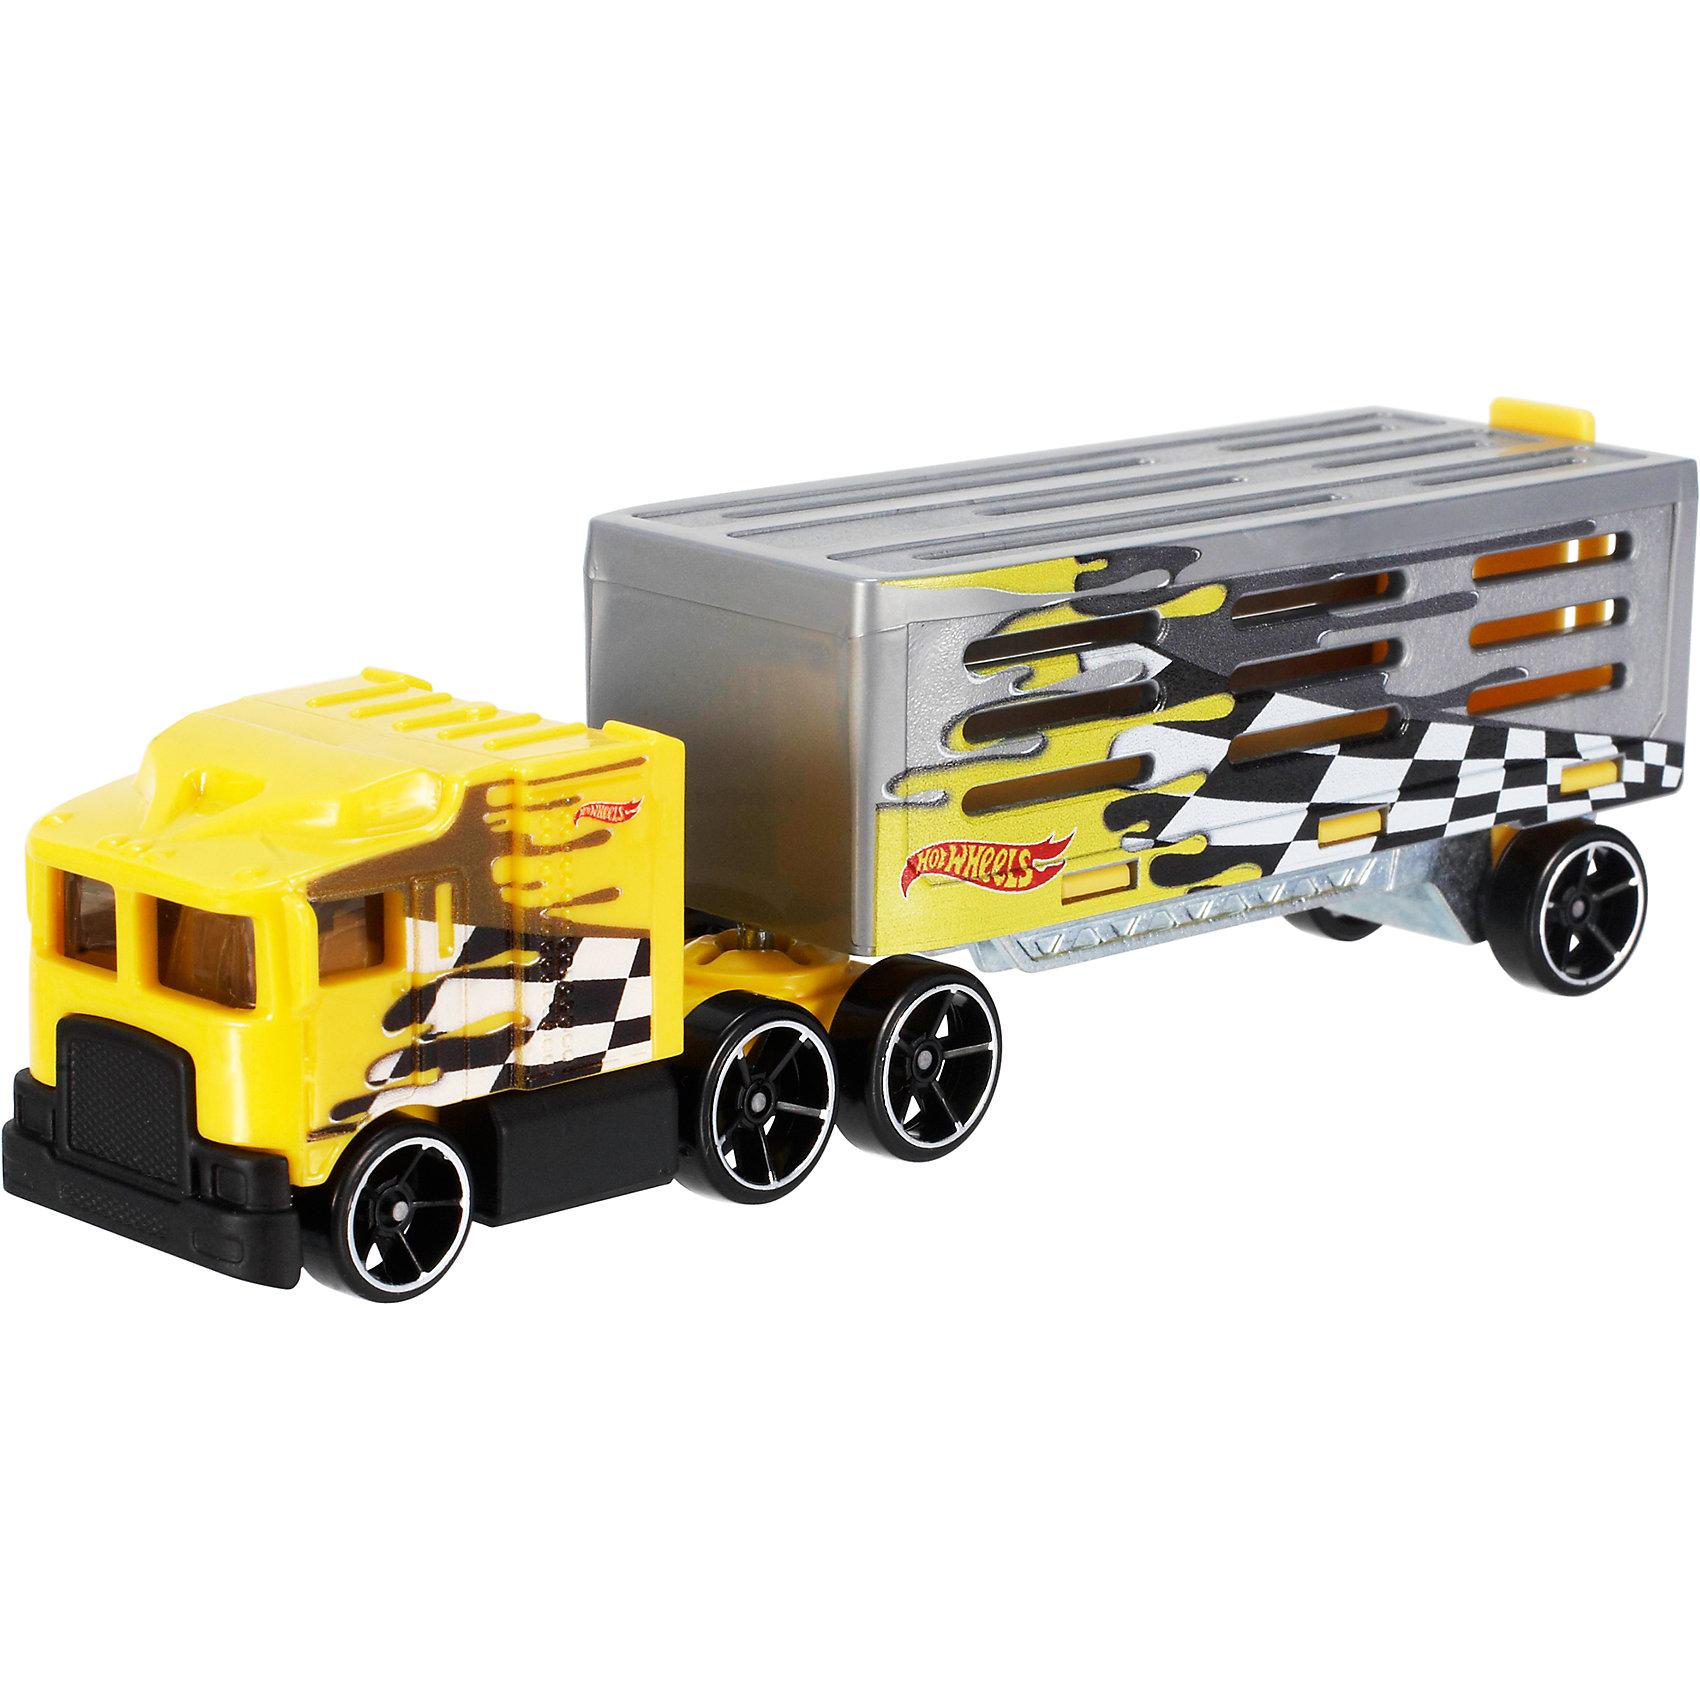 Трейлер базовой коллекции, Hot WheelsПопулярные игрушки<br>Характеристики:<br><br>• Вид игр: сюжетно-ролевые<br>• Предназначение: для дома<br>• Серия: Track Stars<br>• Пол: для мальчиков<br>• Материал: пластик, металл<br>• Цвет: желтый, серый, черный, белый<br>• Длина трейлера с прицепом: 28 см<br>• Вес:  130 г <br>• Особенности ухода: разрешается мыть водой<br>• Упаковка: блистер на картоне<br><br>Трейлер базовой коллекции, Hot Wheels – это машинка серии Hot Wheels, которая относится к базовым игровым наборам. Трейлер с прицепом выполнен из пластика и металла, все элементы окрашены нетоксичными яркими красками. При изготовлении игрушки быди использованы сертифицированные материалы, которые обеспечивают безопасность во время игр. Машинка состоит из кабины и прицепа, который может отсоединяться. В прицепе можно перевозить гоночные машинки. Размеры трейлера позволяют обеспечить маневренность и скоростной спунк по трекам Hot Wheels.<br>С трейлером базовой коллекции, Hot Wheels можно воссоздавать самые невероятные и захватывающие гонки Hot Wheels!<br><br>Трейлер базовой коллекции, Hot Wheels можно купить в нашем магазине.<br><br>Ширина мм: 40<br>Глубина мм: 130<br>Высота мм: 110<br>Вес г: 126<br>Возраст от месяцев: 48<br>Возраст до месяцев: 96<br>Пол: Мужской<br>Возраст: Детский<br>SKU: 5233734